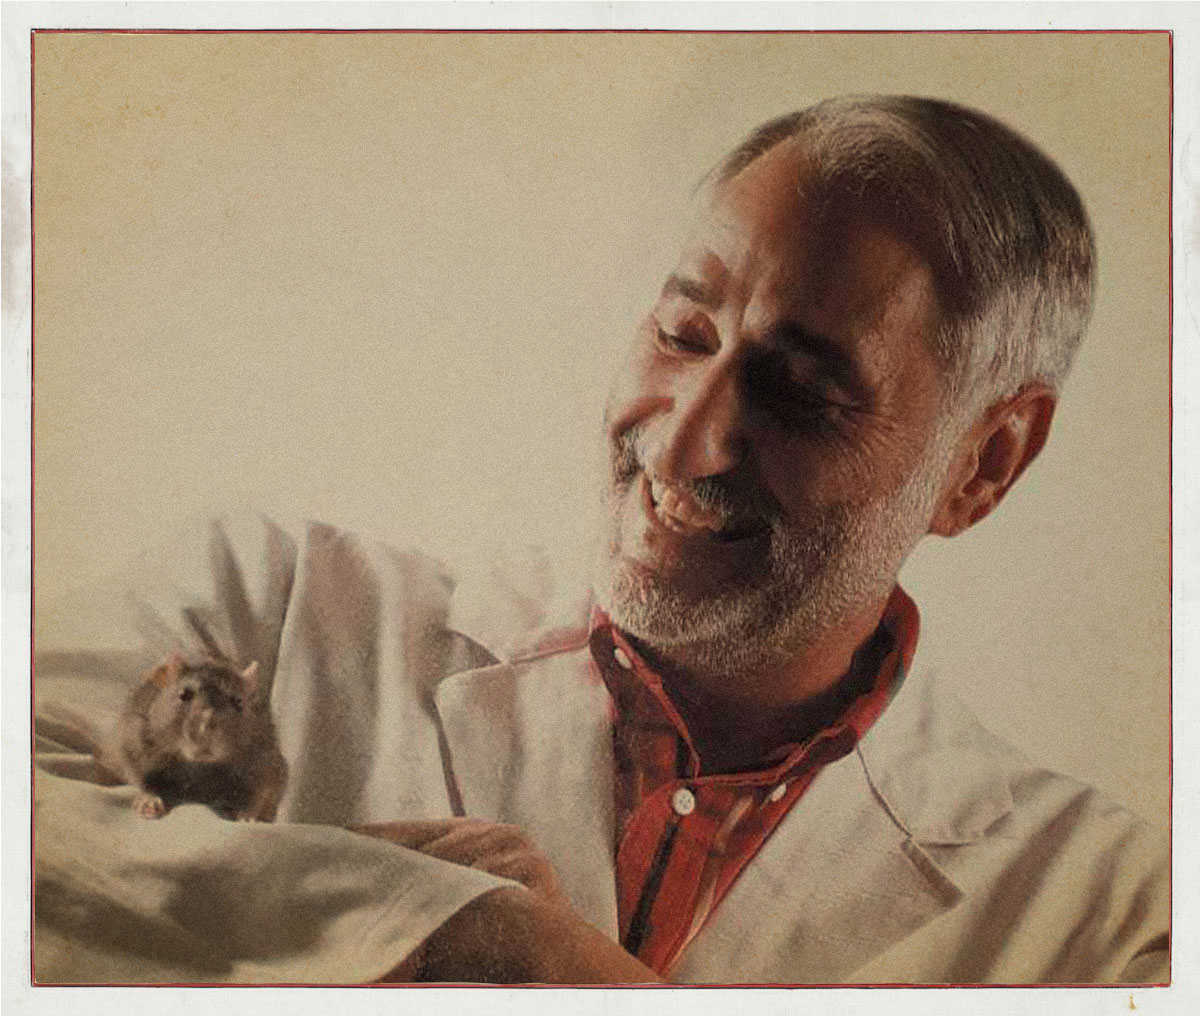 Walter Pierpaoli